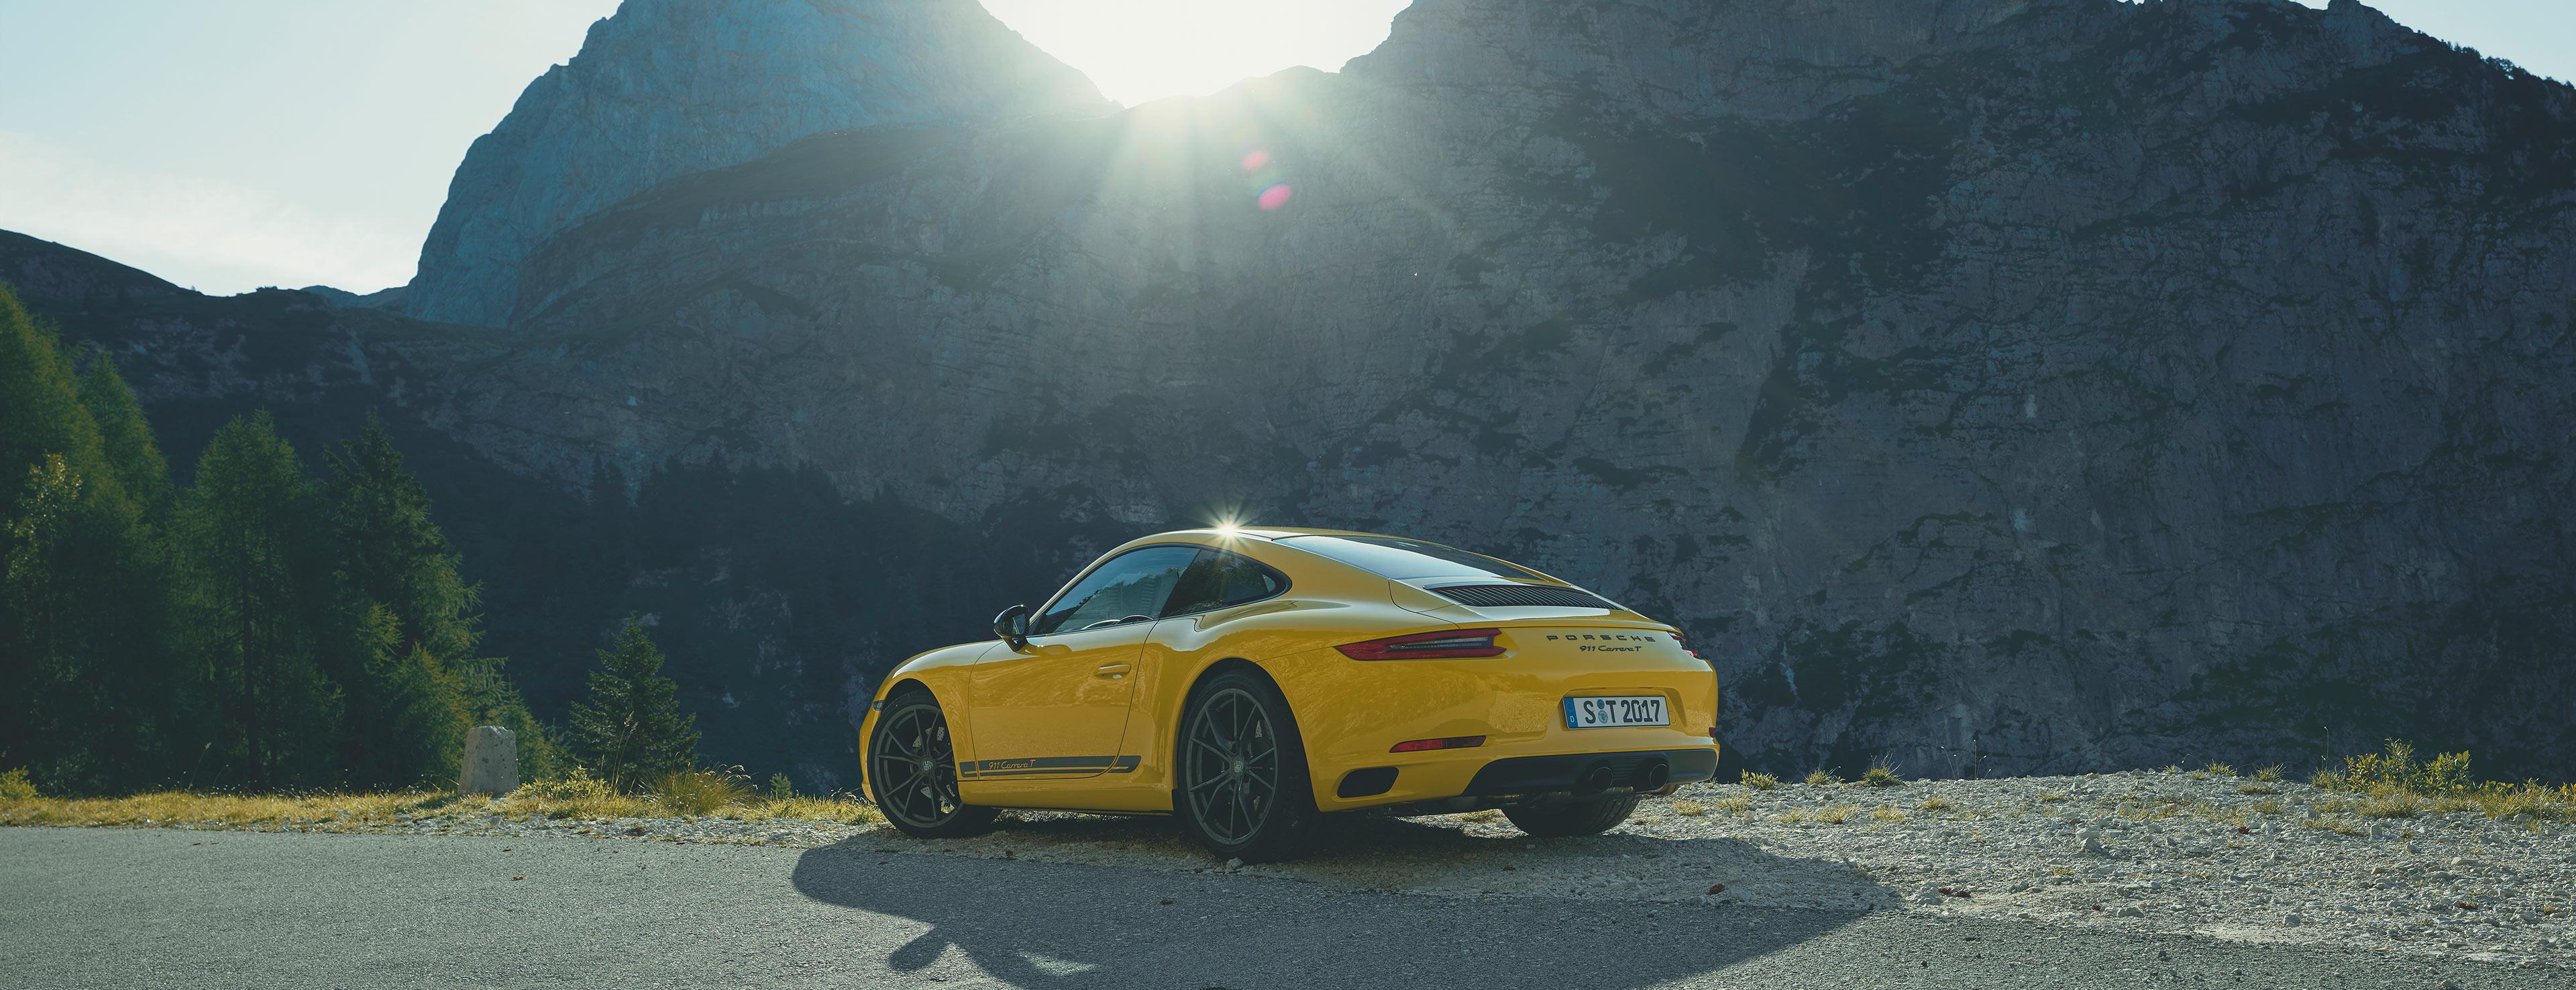 porsche-normal Exciting Porsche 911 Gt2 La Centrale Cars Trend